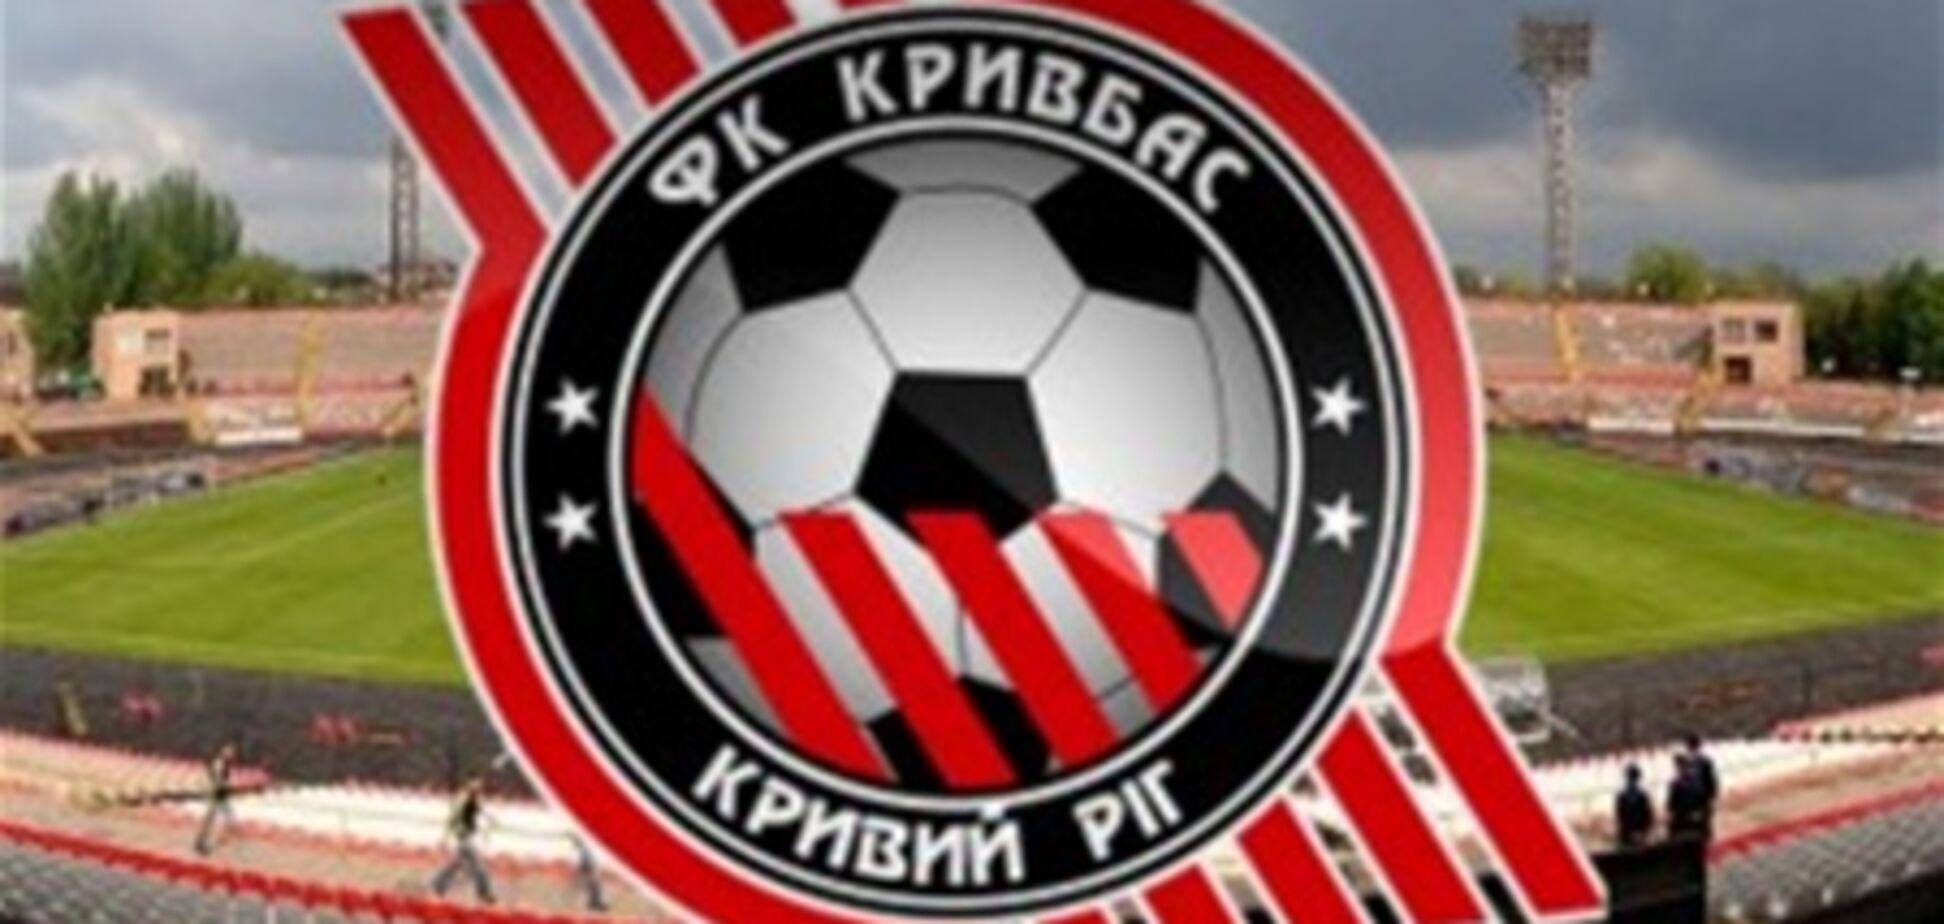 СМИ: завтра ФК 'Кривбасс' прекратит свое существование